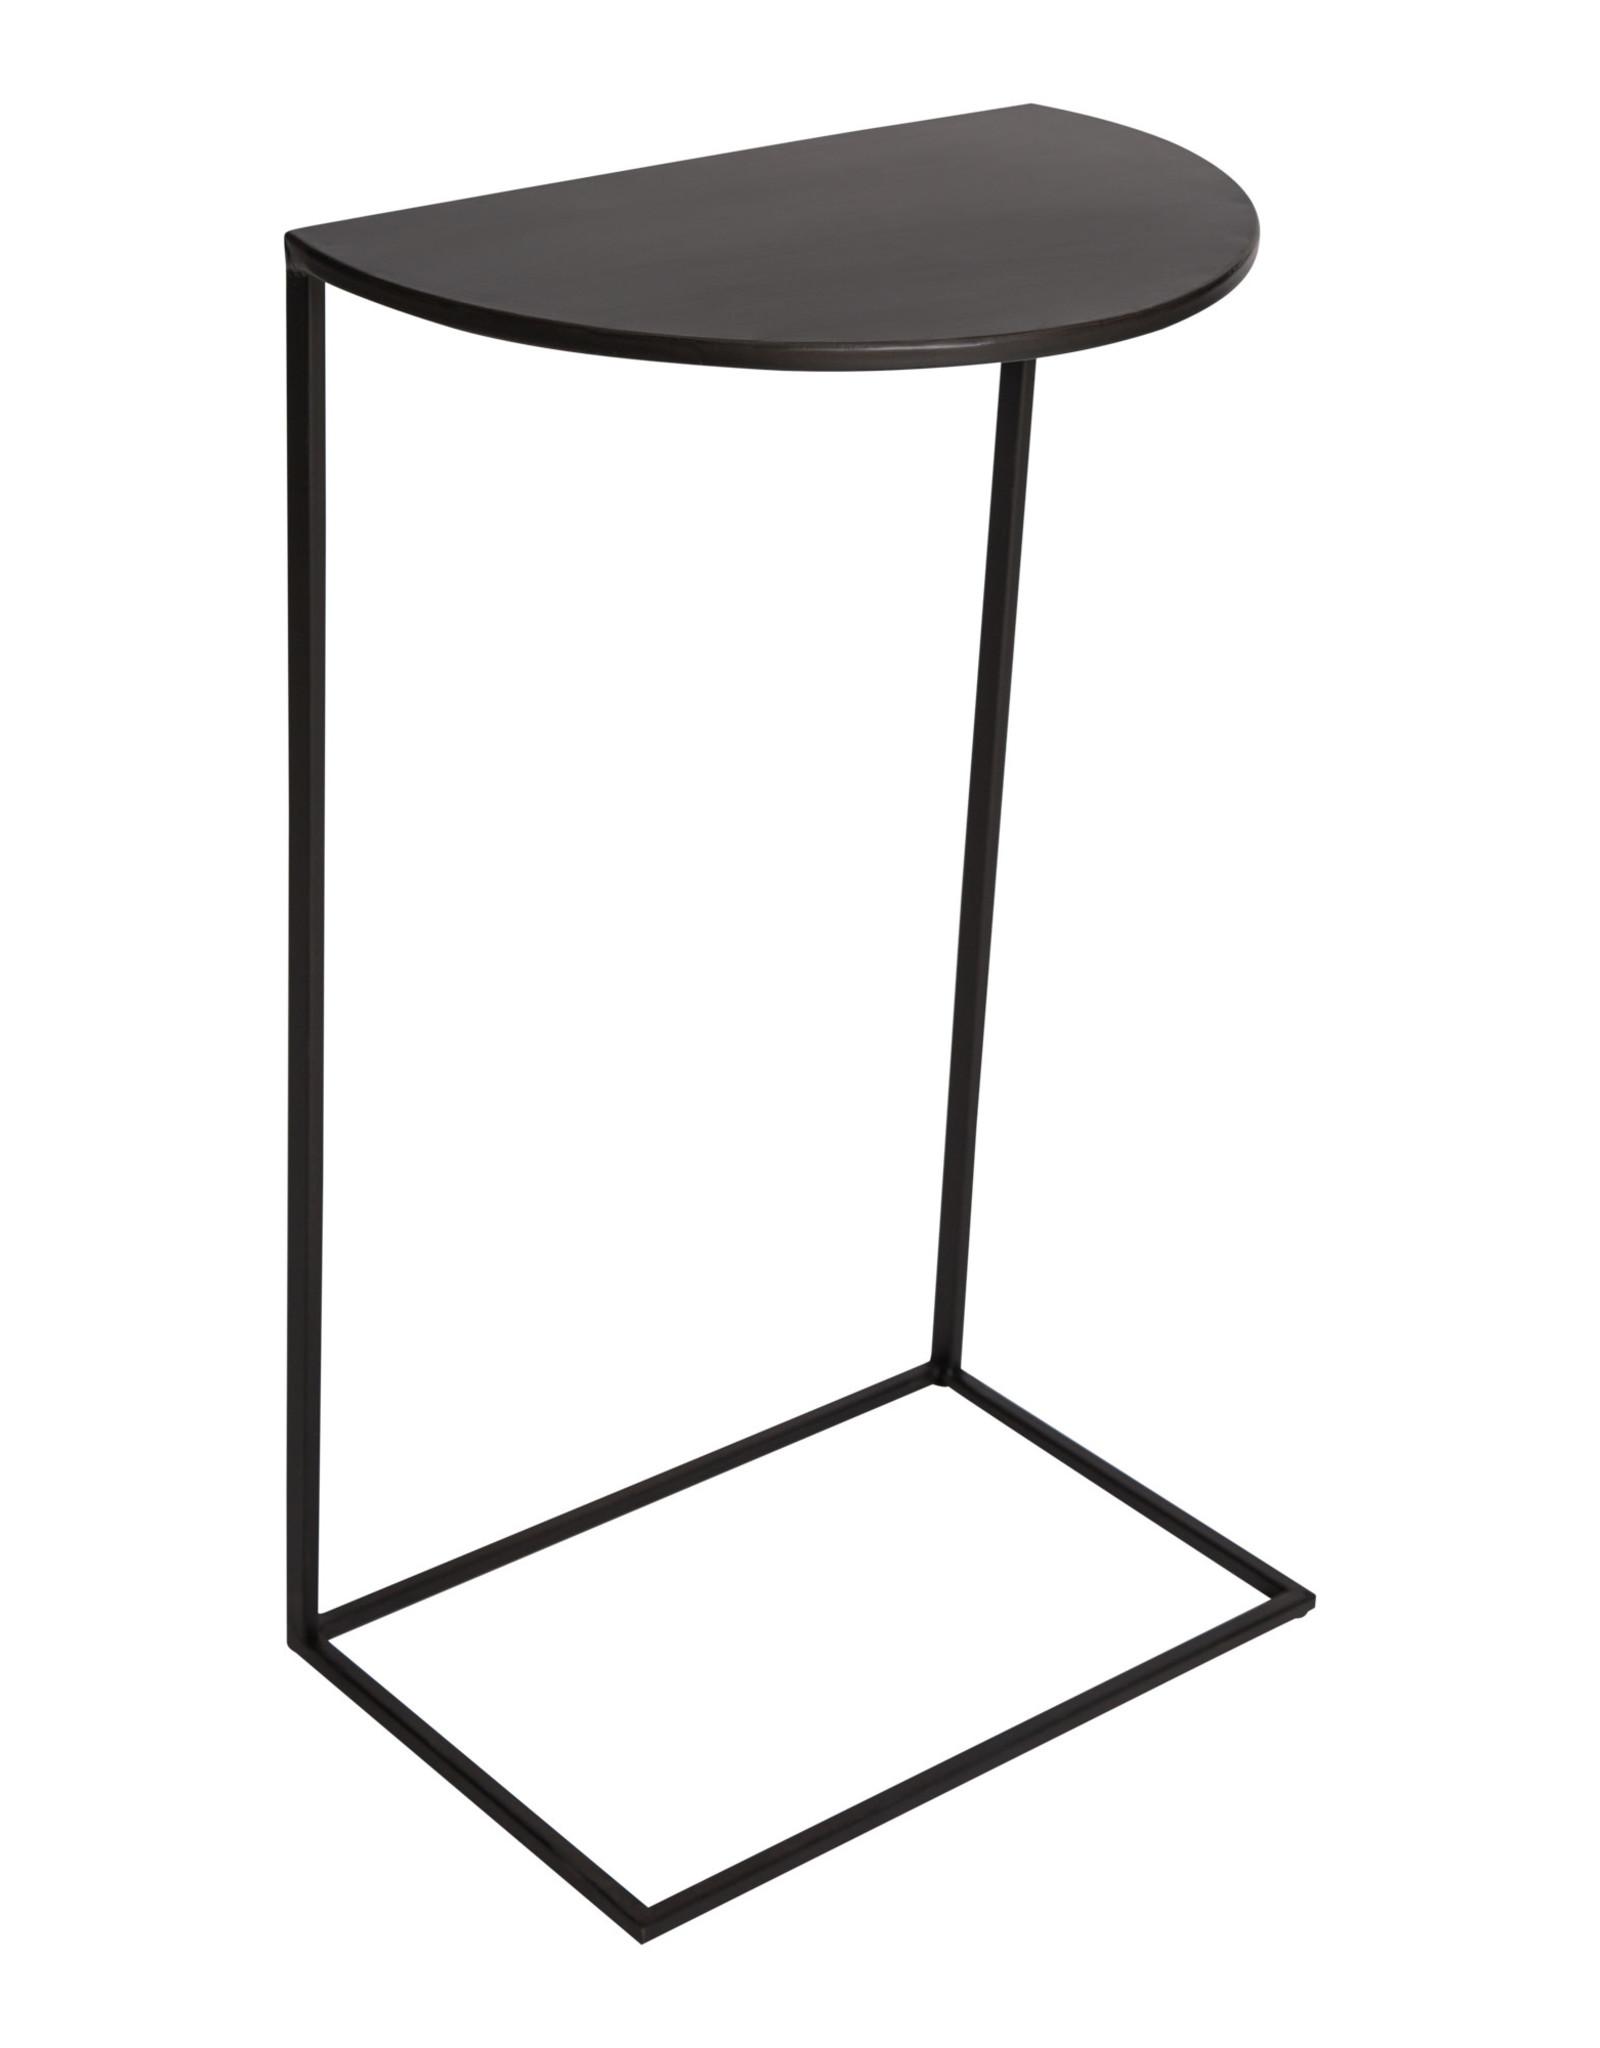 Bijzettafel Sofa - zwart metaal